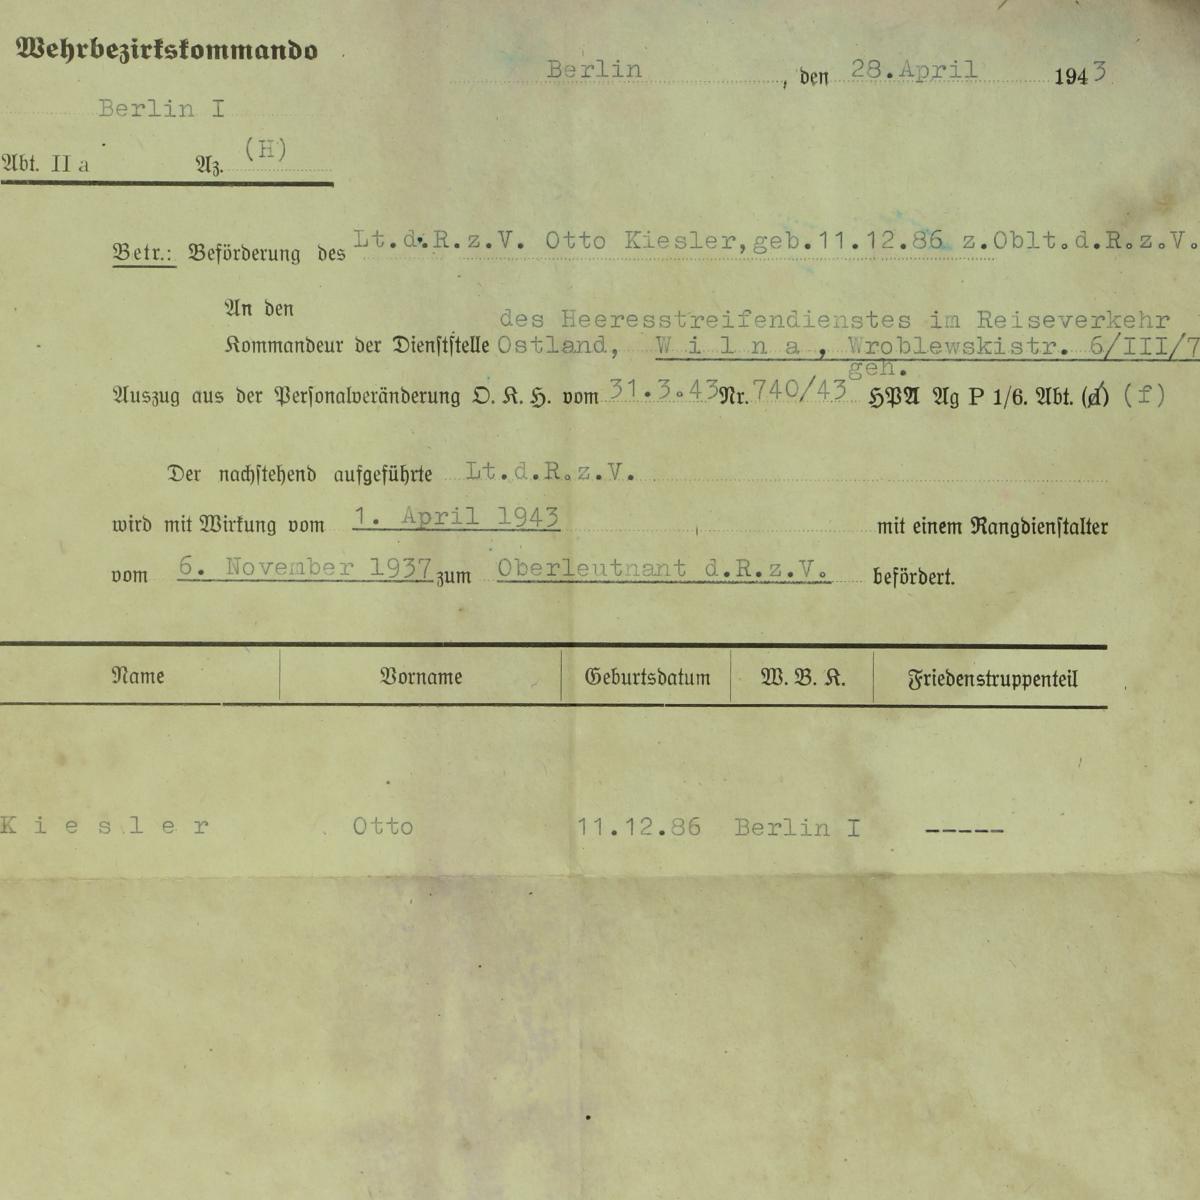 Afbeeldingen van Behrbezirsssommando 1943